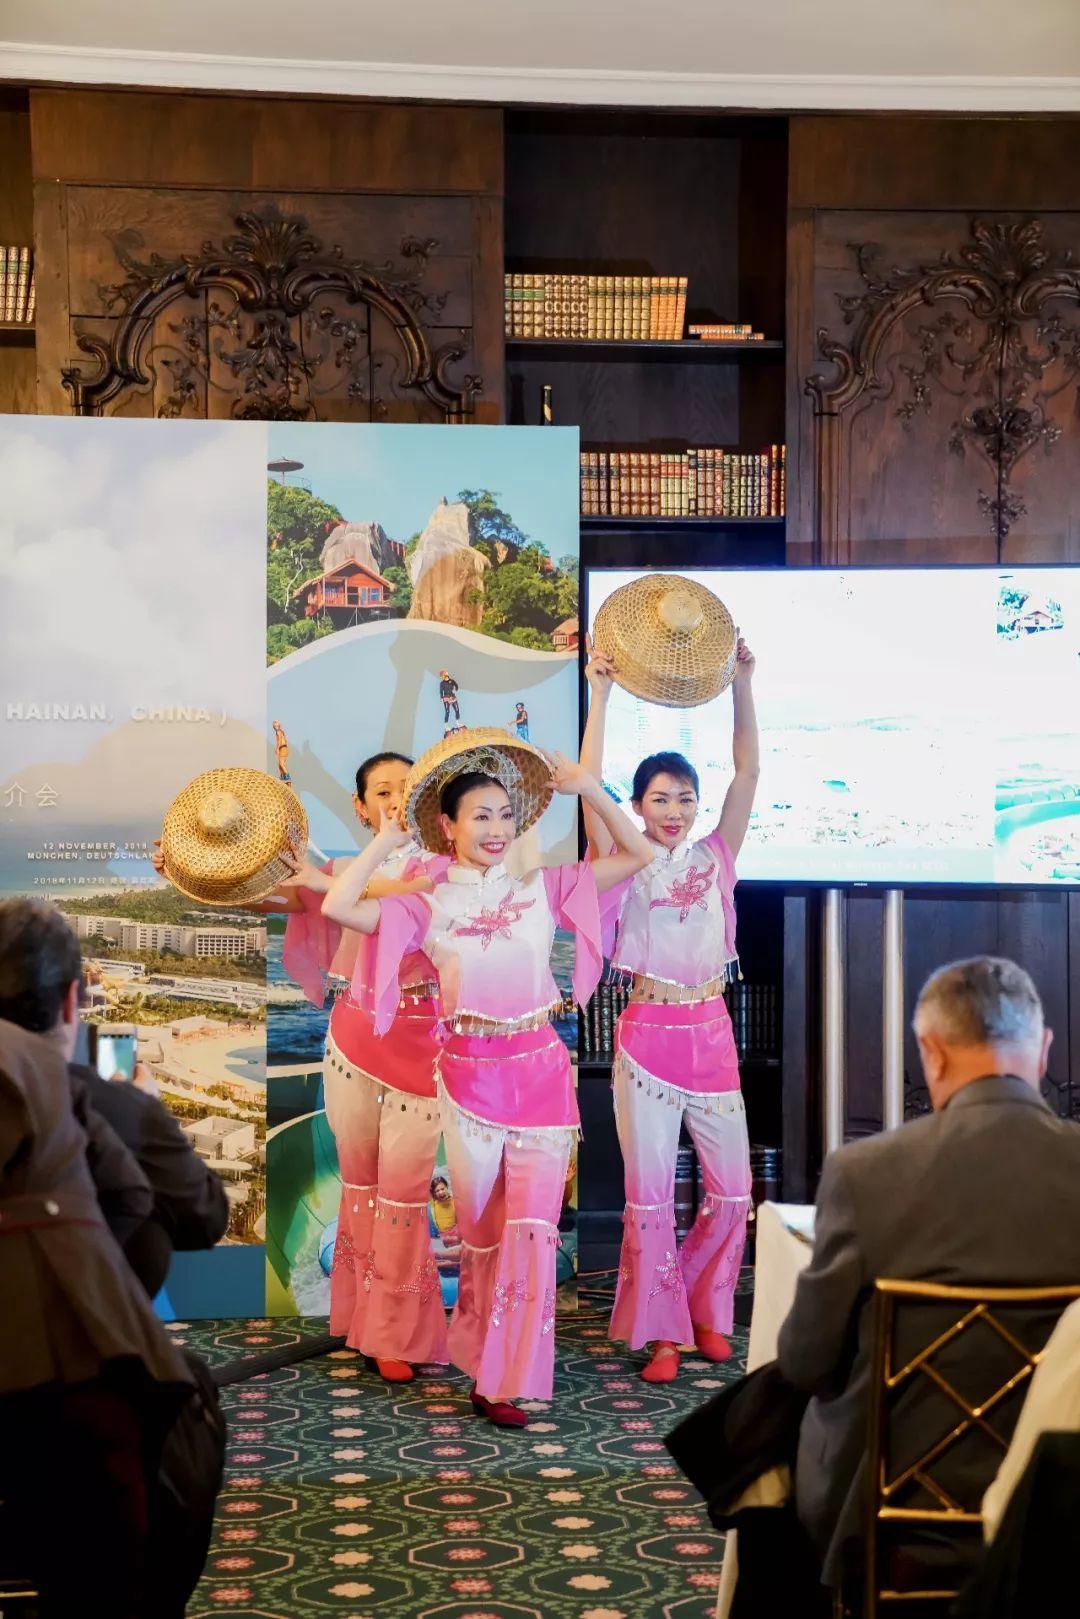 巴伐利亚中促会成功协办海南三亚旅游慕尼黑推介会